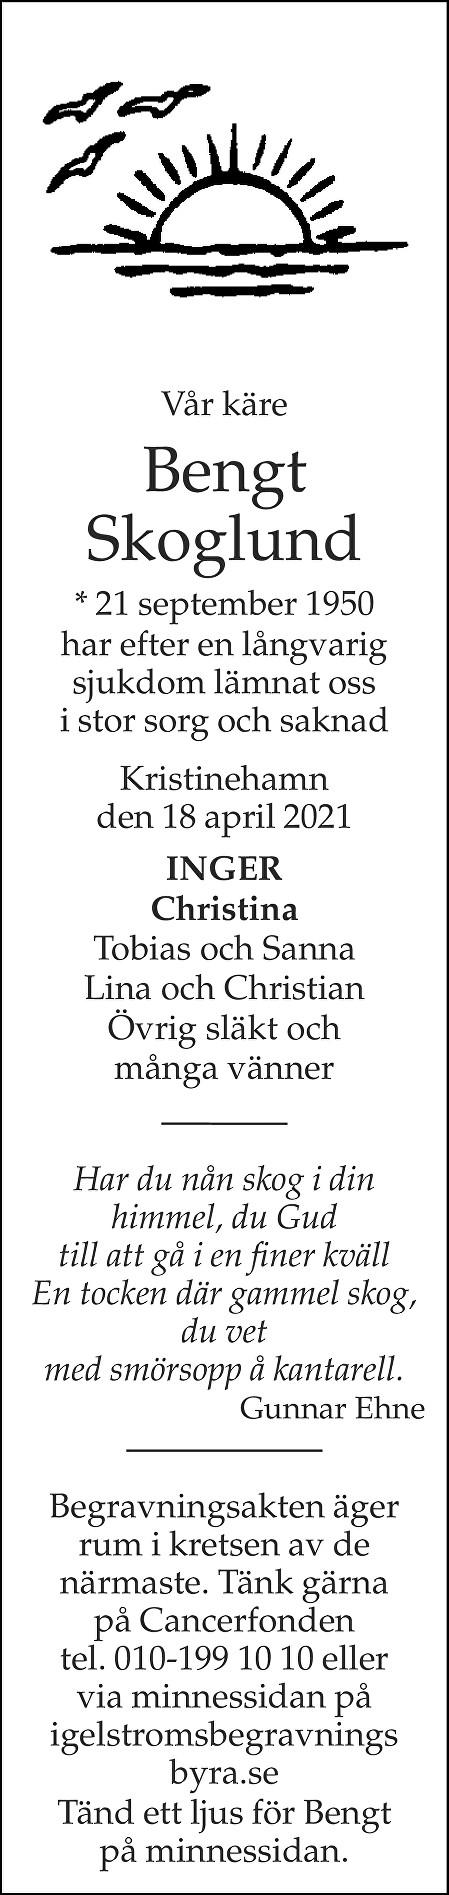 Bengt Skoglund Death notice